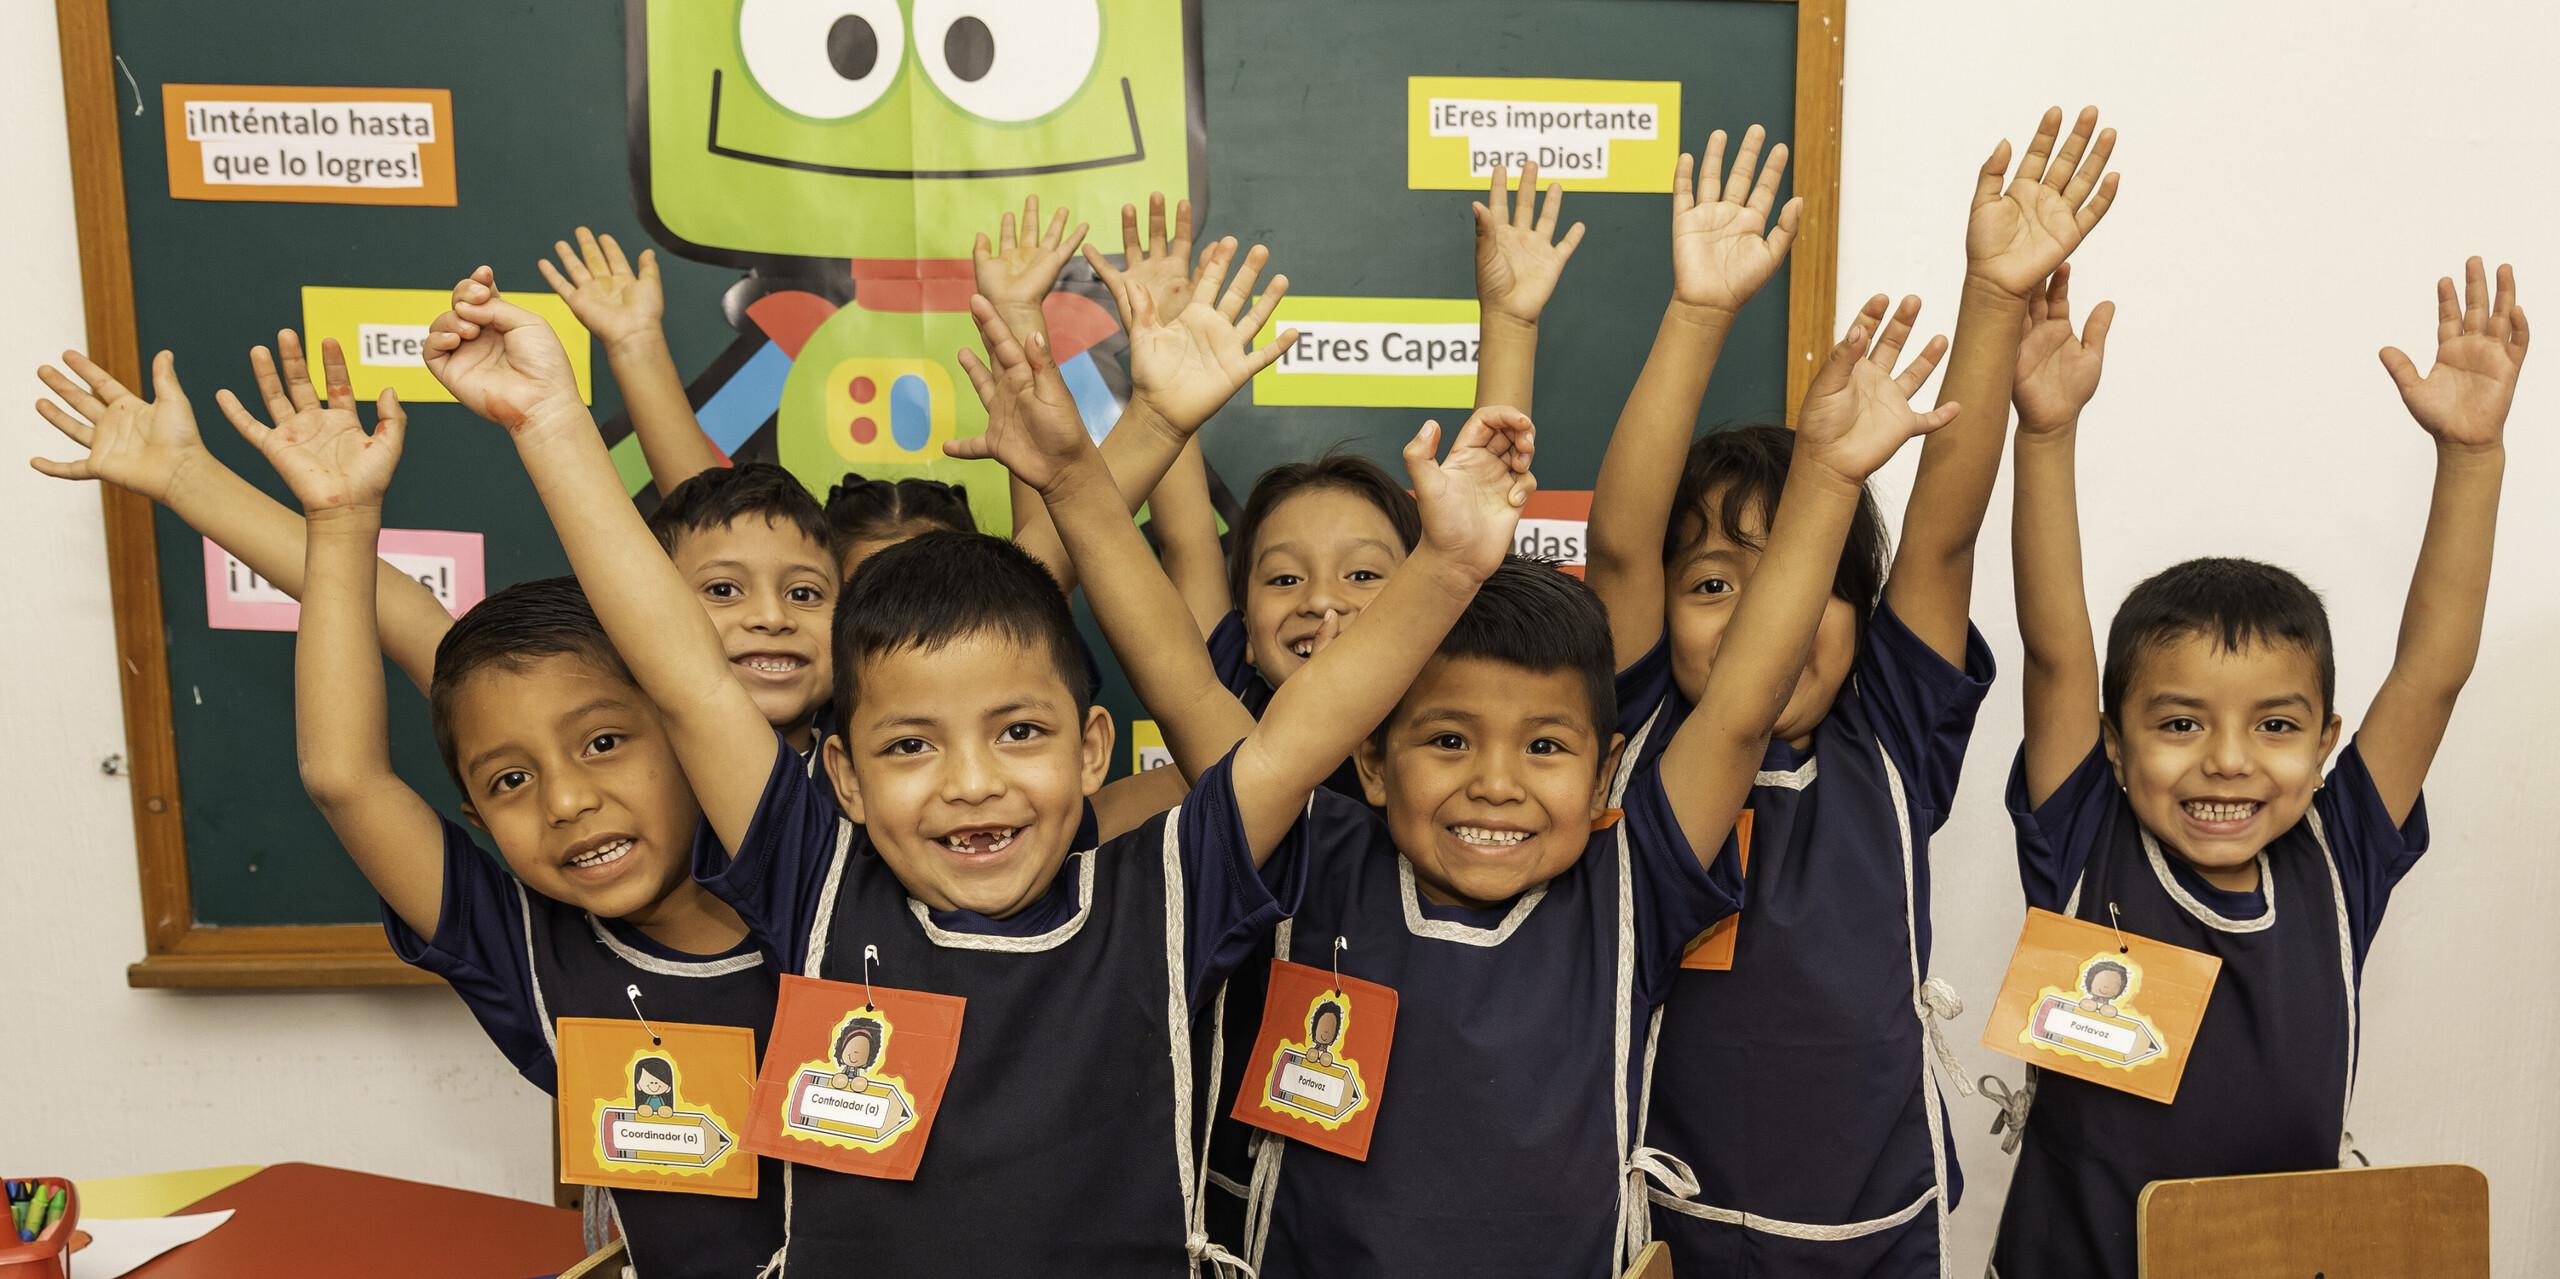 Schüler und Schülerinnen freuen sich